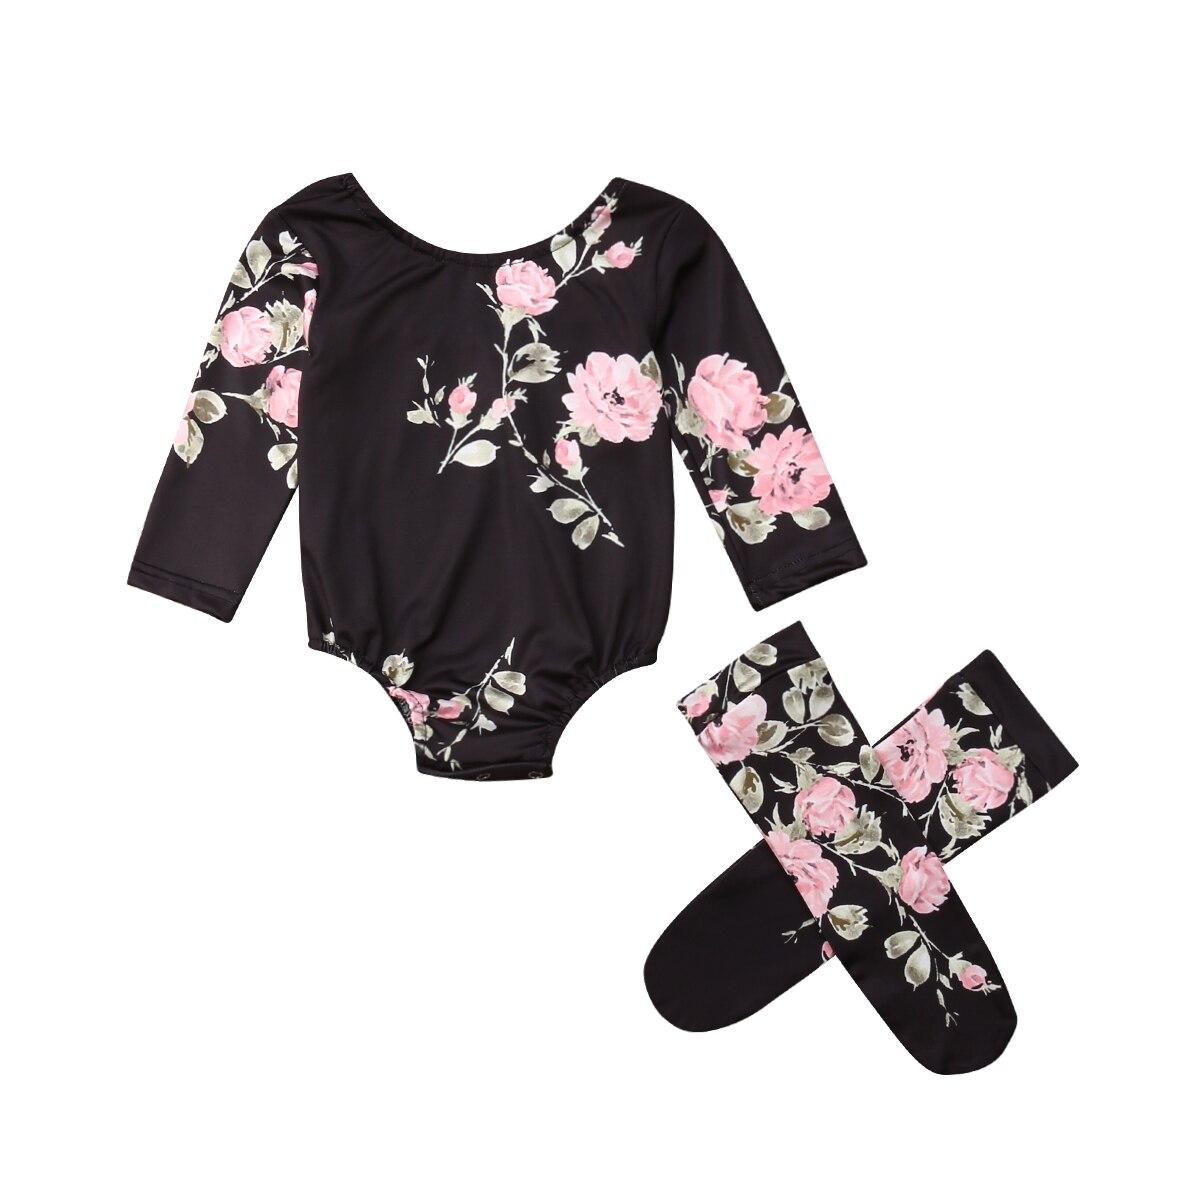 Милый комбинезон с длинными рукавами и цветочным принтом для новорожденных девочек 0-18 месяцев, комбинезон, гетры, 2 предмета, одежда для мал...